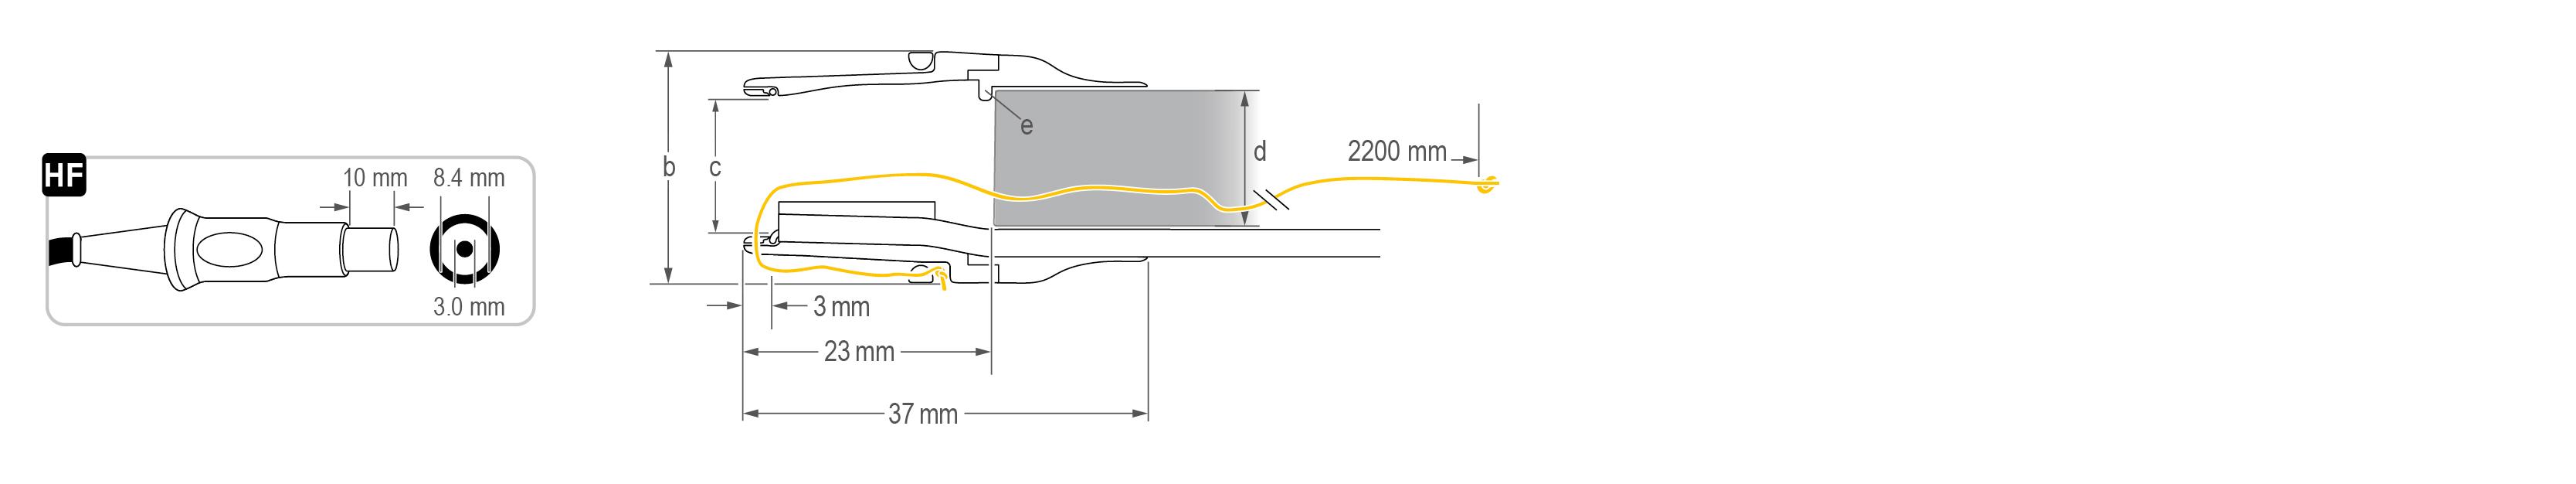 FTRD technical data